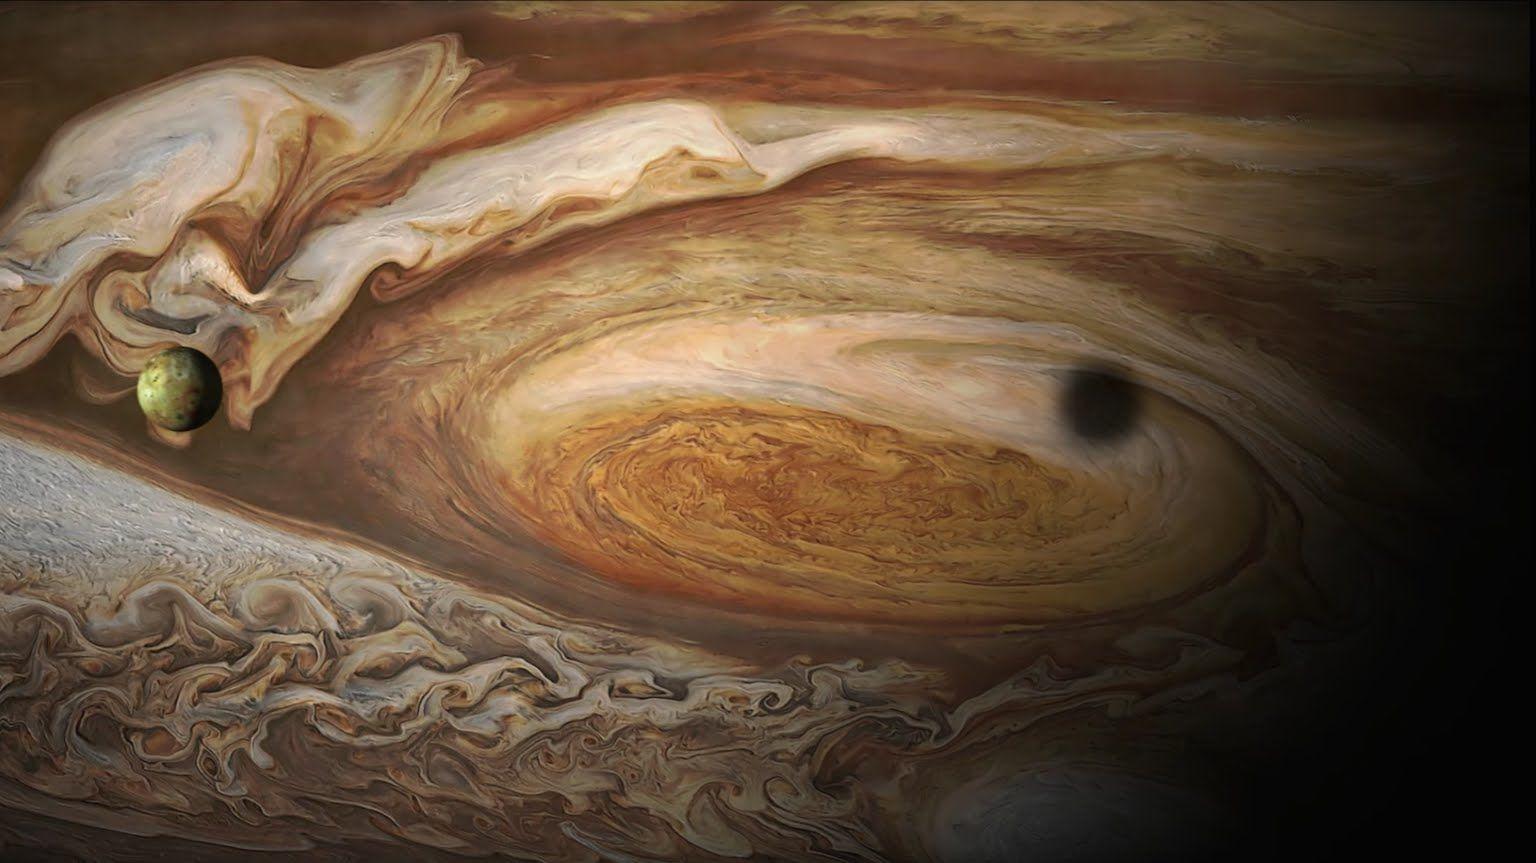 Галилео подкрепя хелиоцентричната теория на Николай Коперник именно след като наблюдава как 4-те големи луни на планетата се въртят около нея. Тъй като той е техният откривател, те са наречени галилееви луни – това са: Йо, Европа, Ганимед и Калисто.